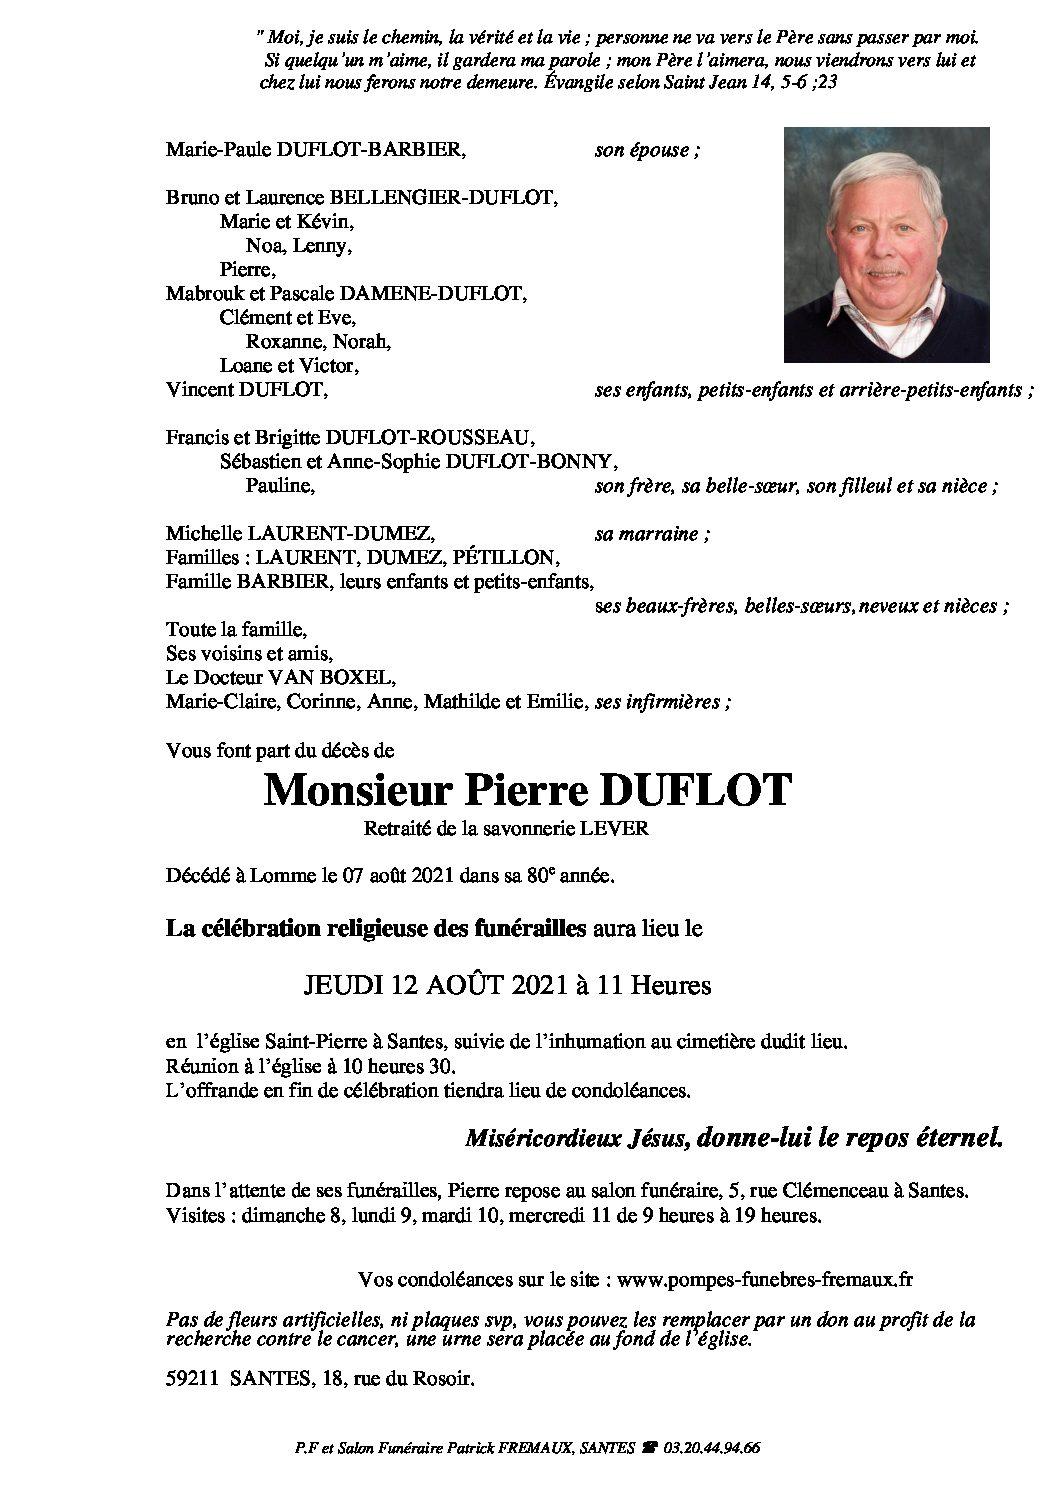 Monsieur Pierre DUFLOT